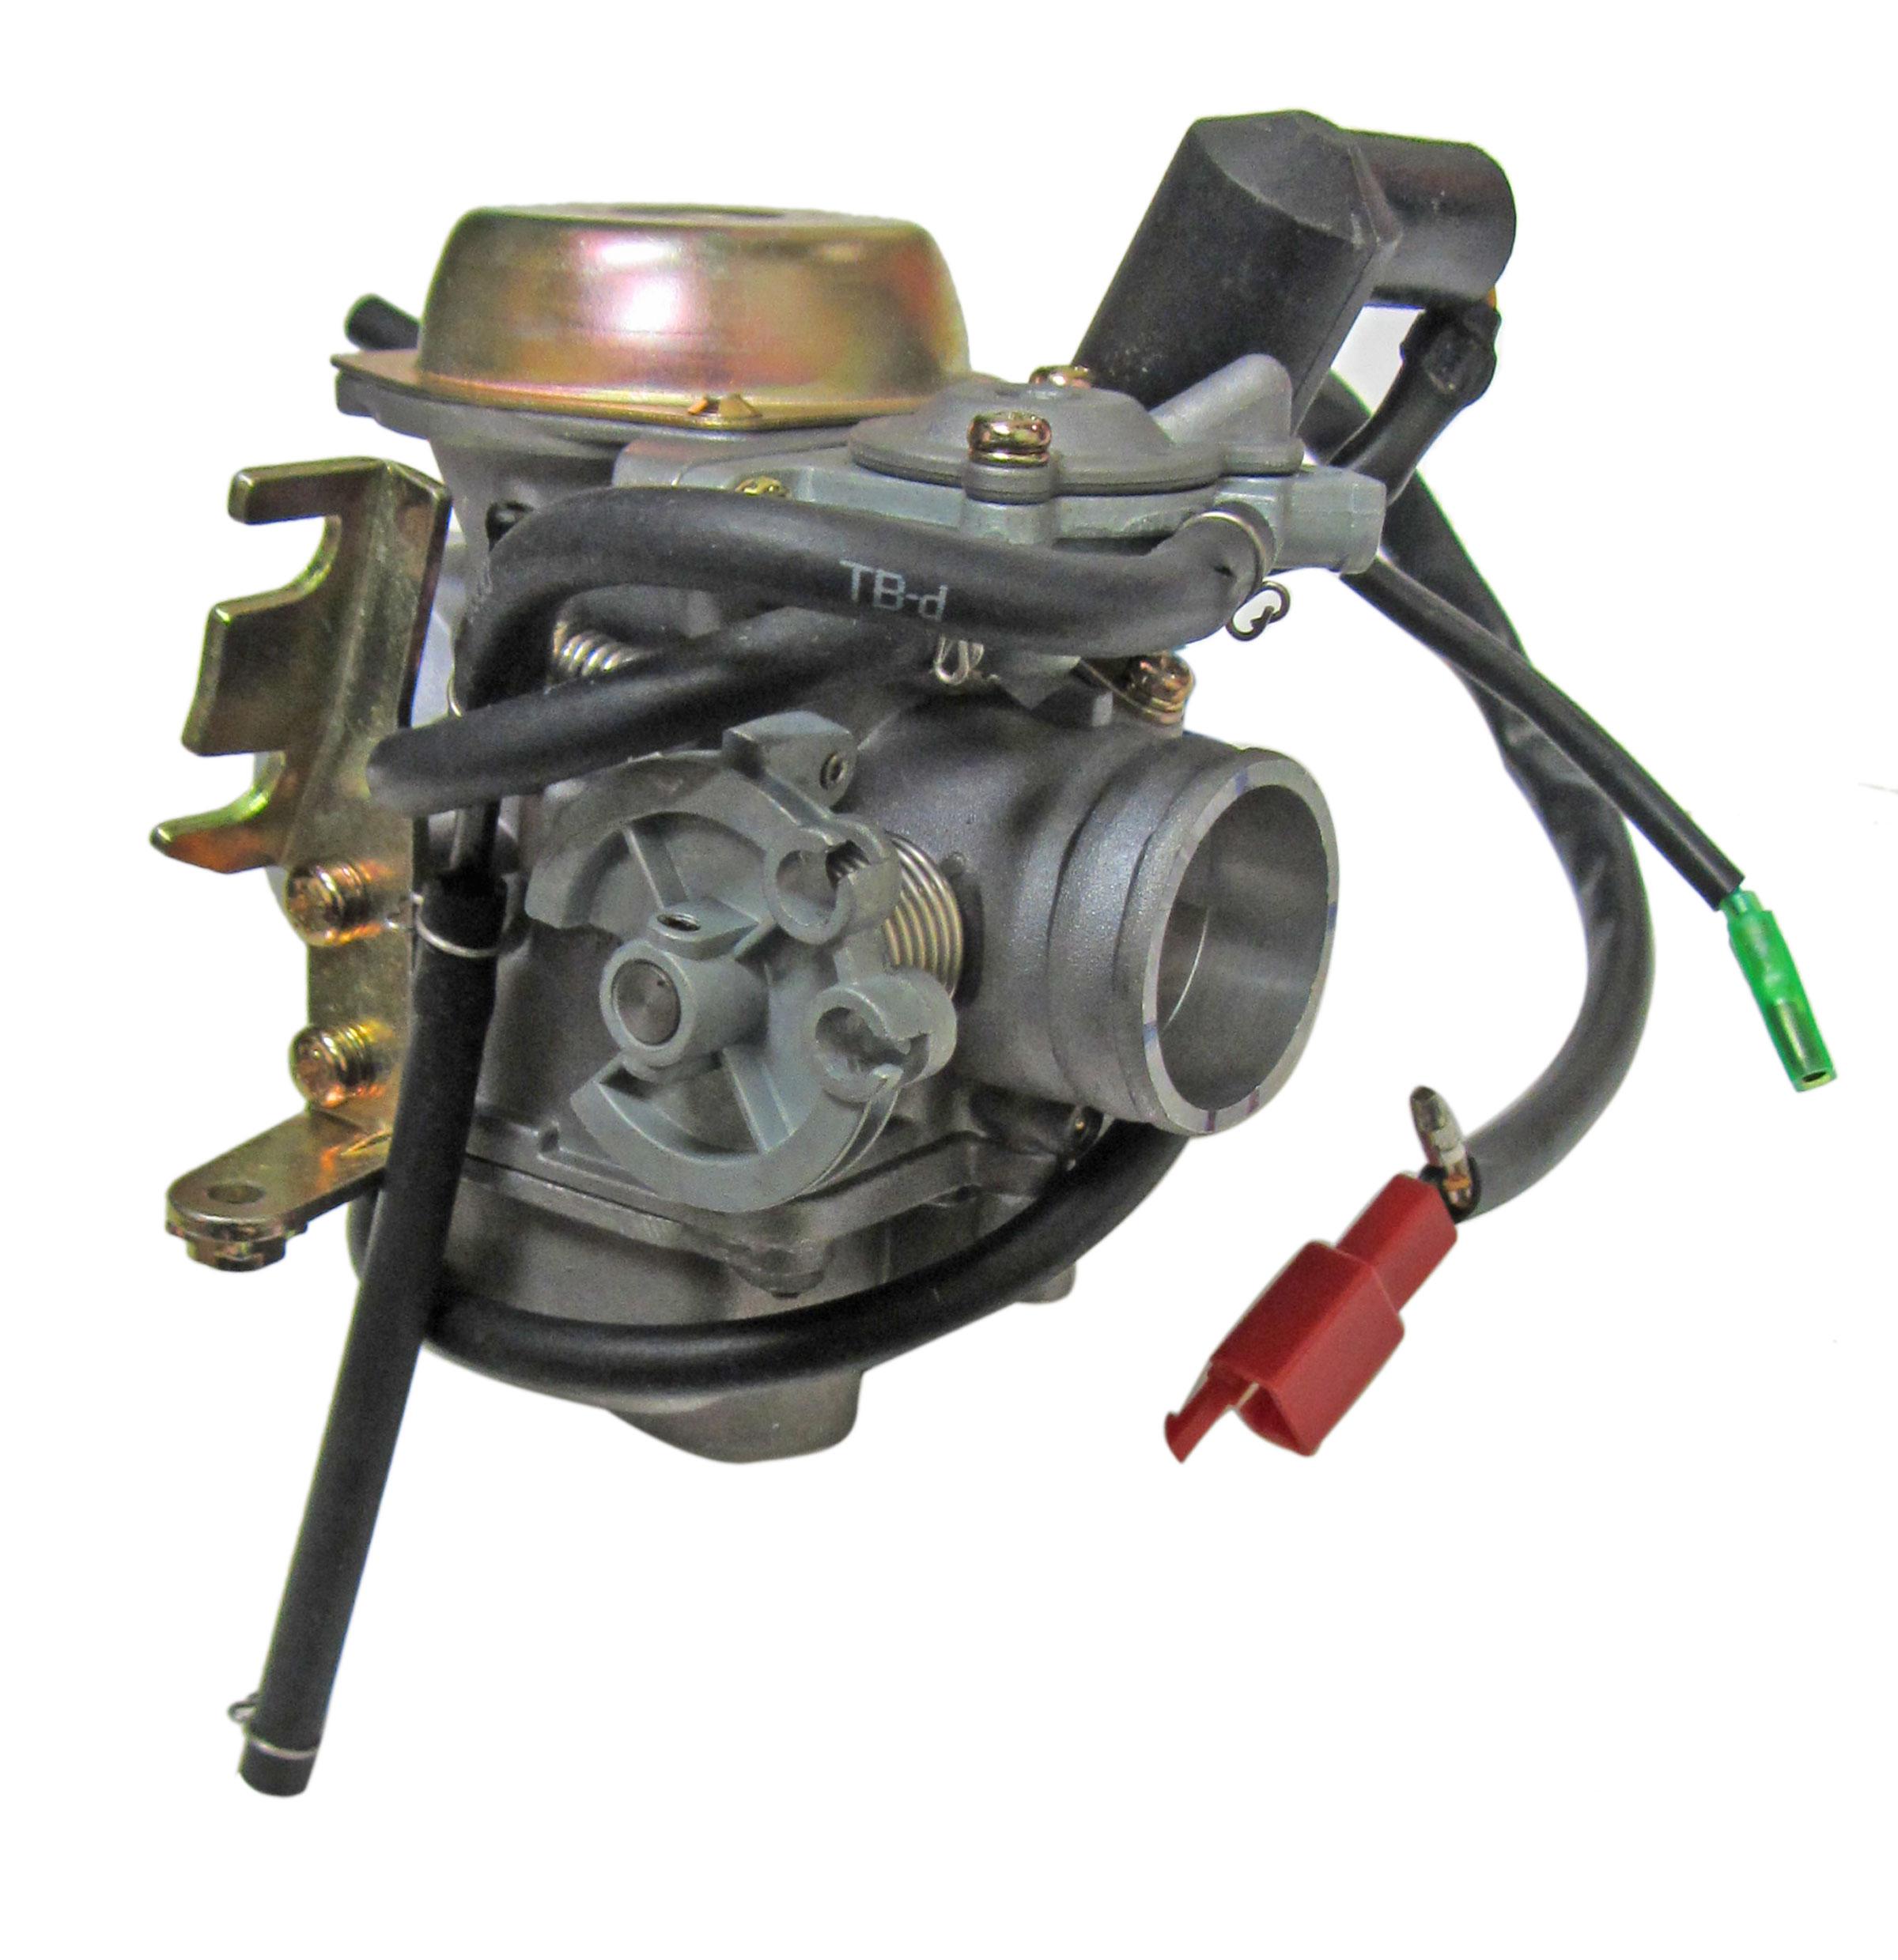 250cc Go Kart Carburetor for GY6 Engine | 640001 | BMI ...